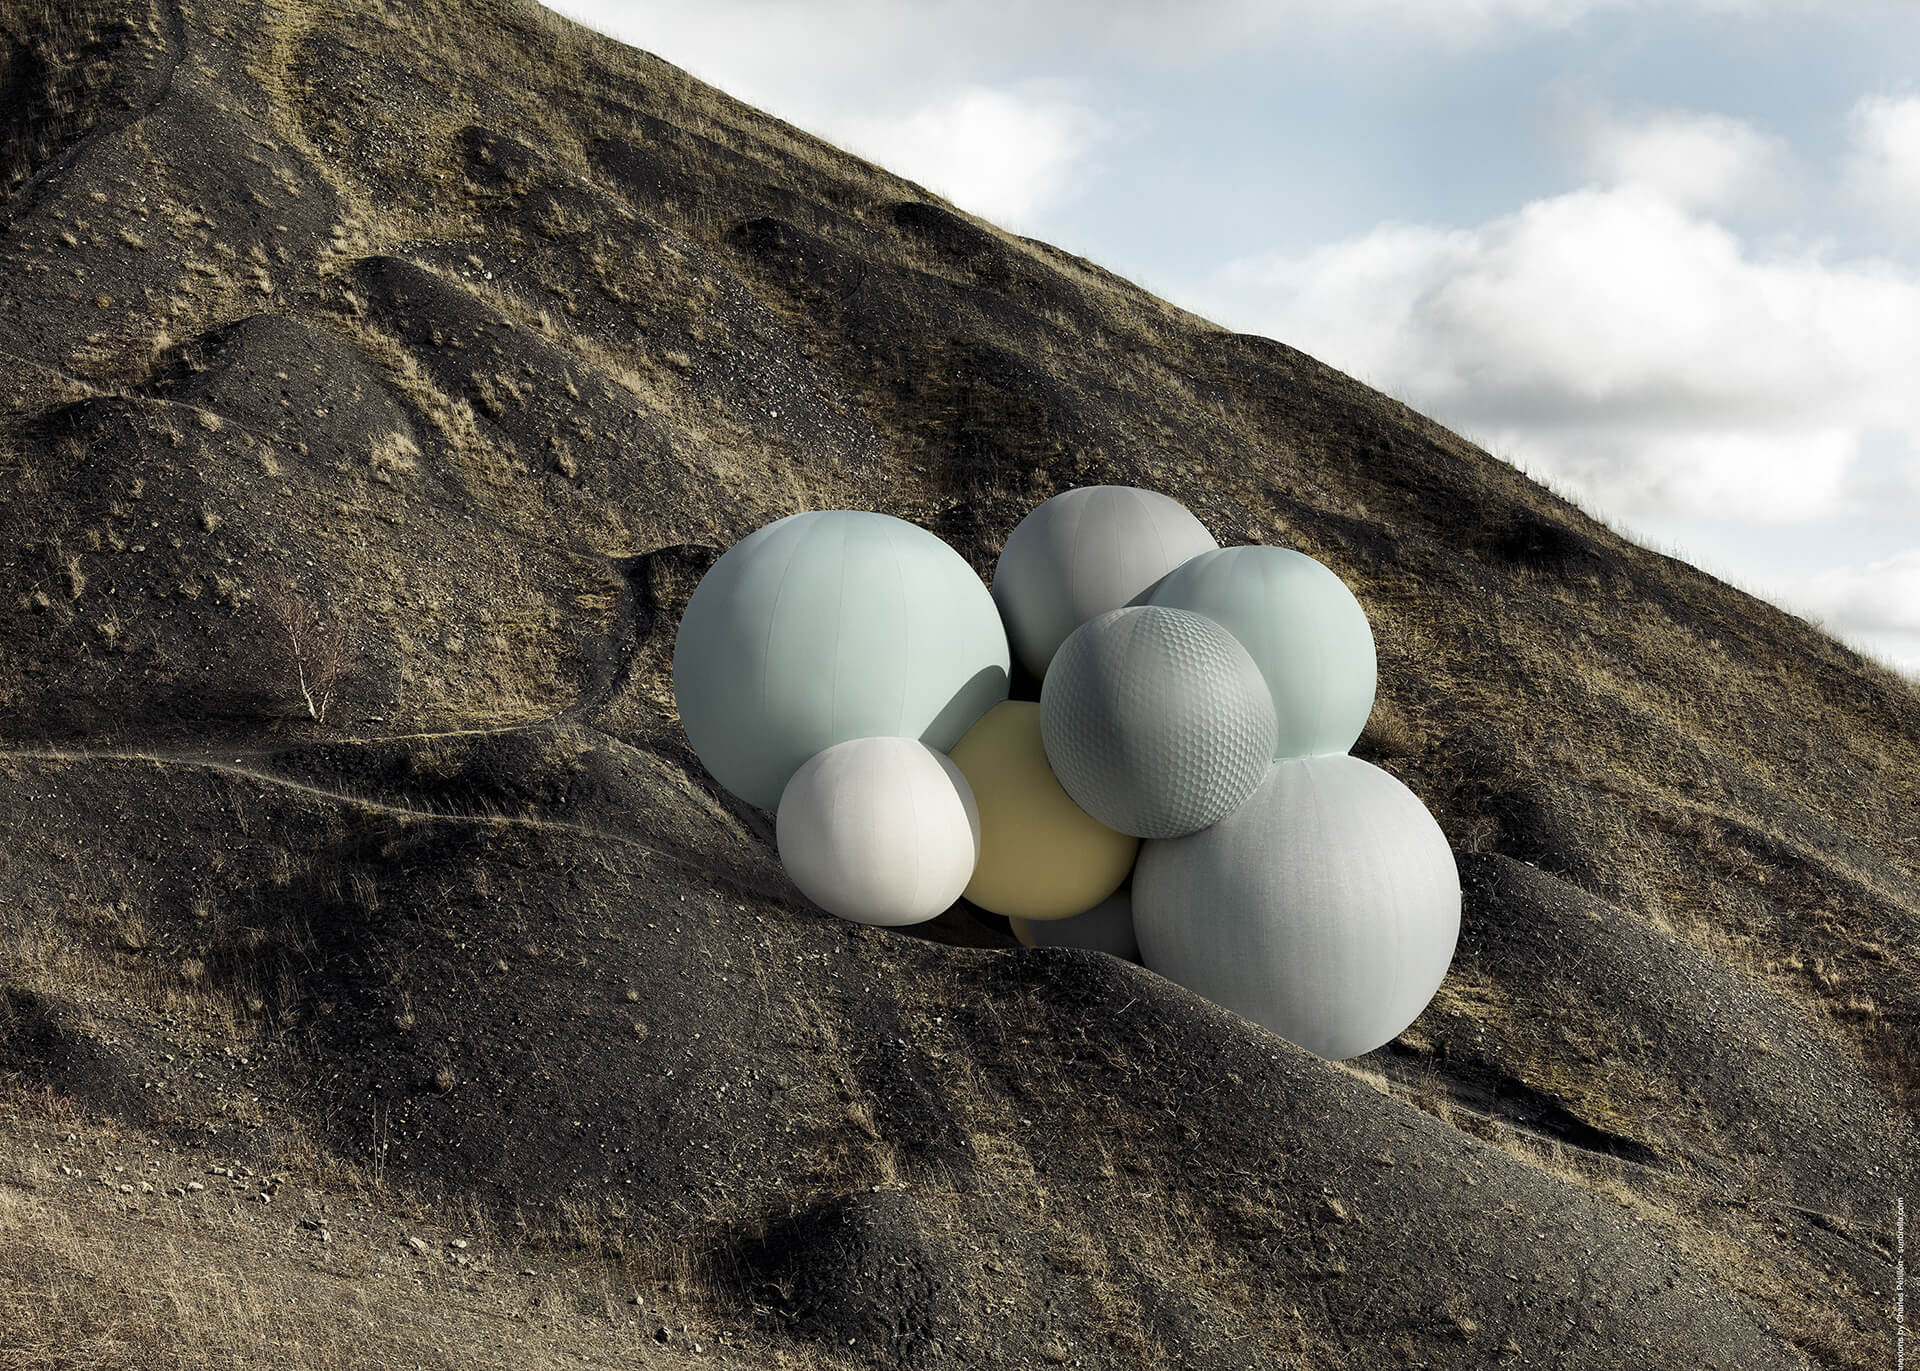 停落在悬崖上方、用 Sunbrella 装饰布料为特色的 Sunbrella Connexions 气球。